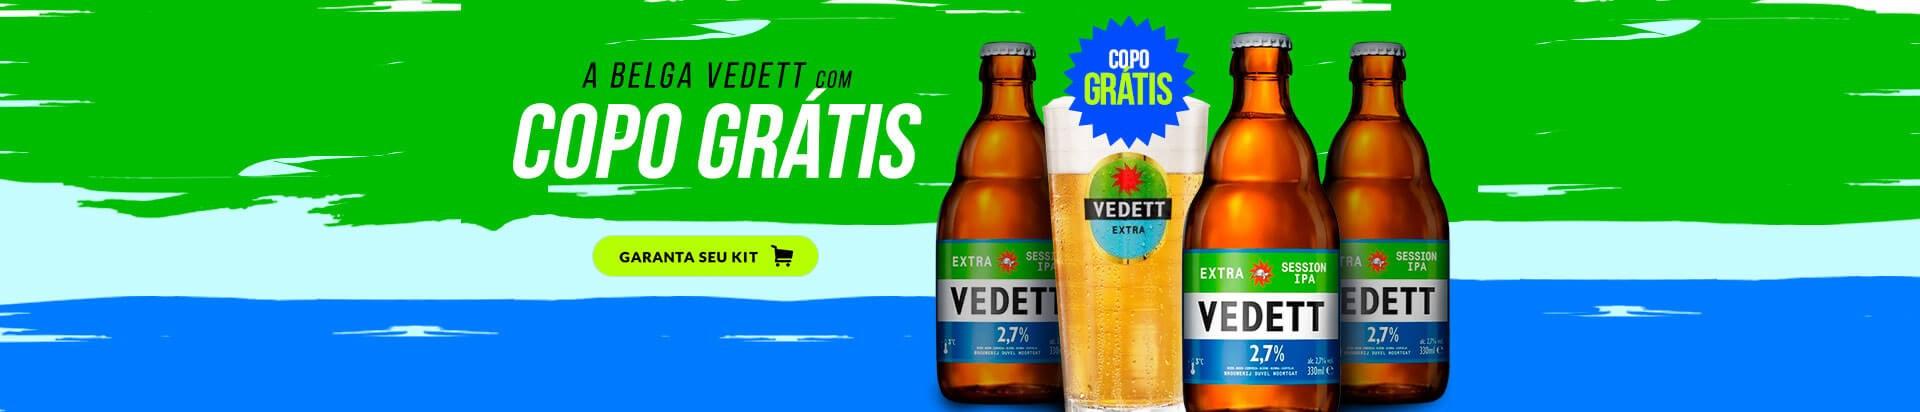 Home Kit Vedett